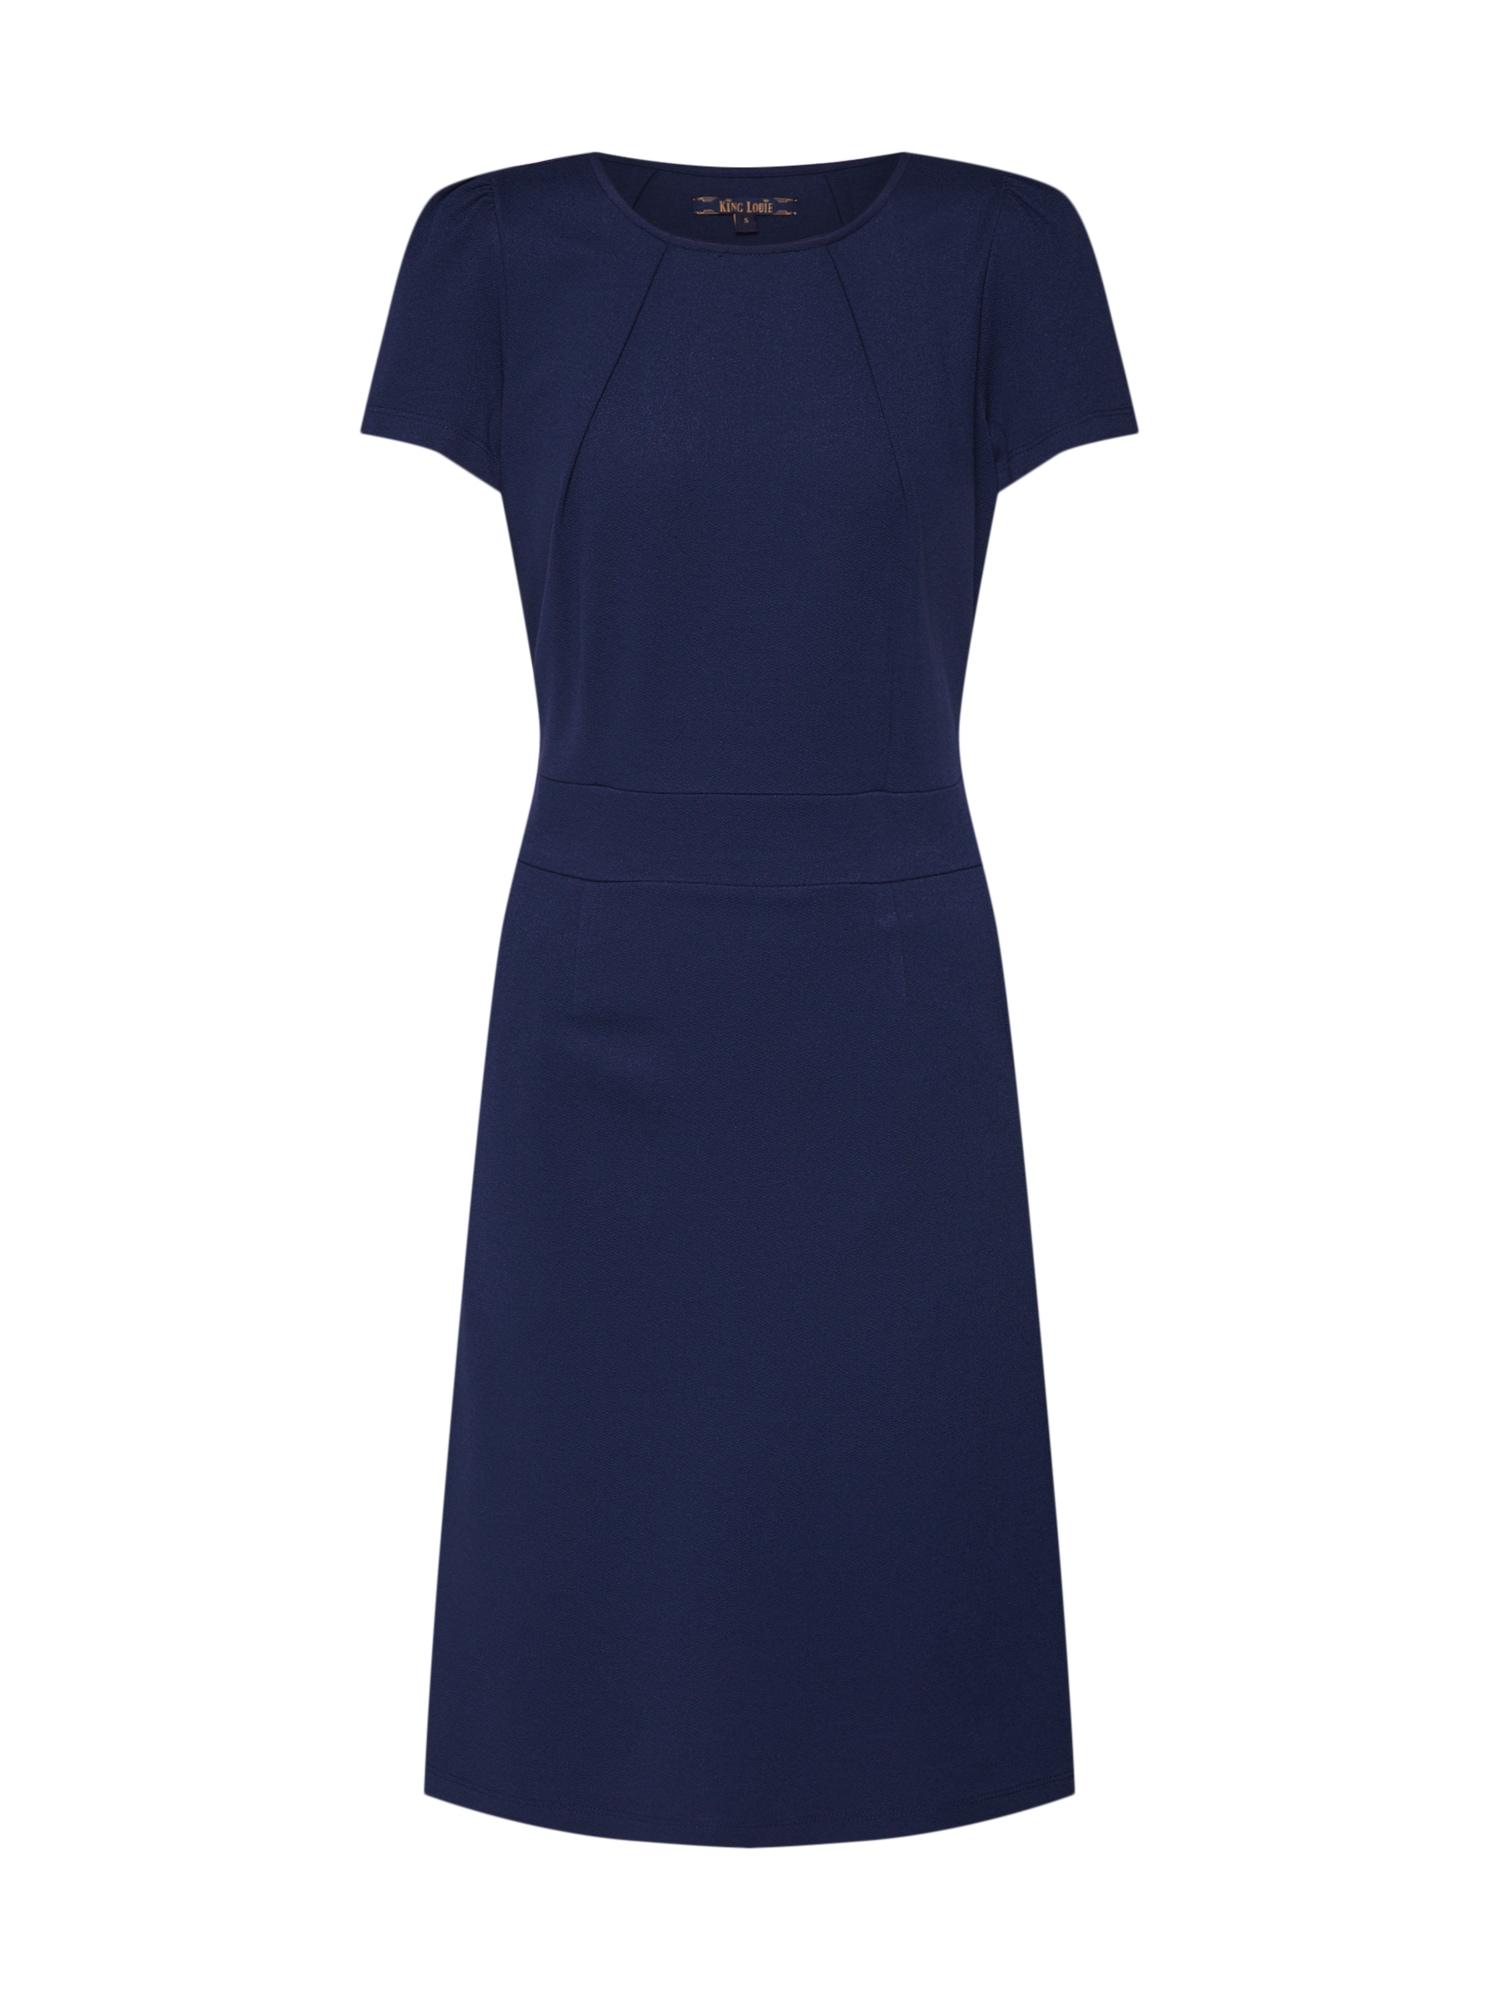 Šaty Mona Dress Milano Crepe námořnická modř tmavě modrá King Louie